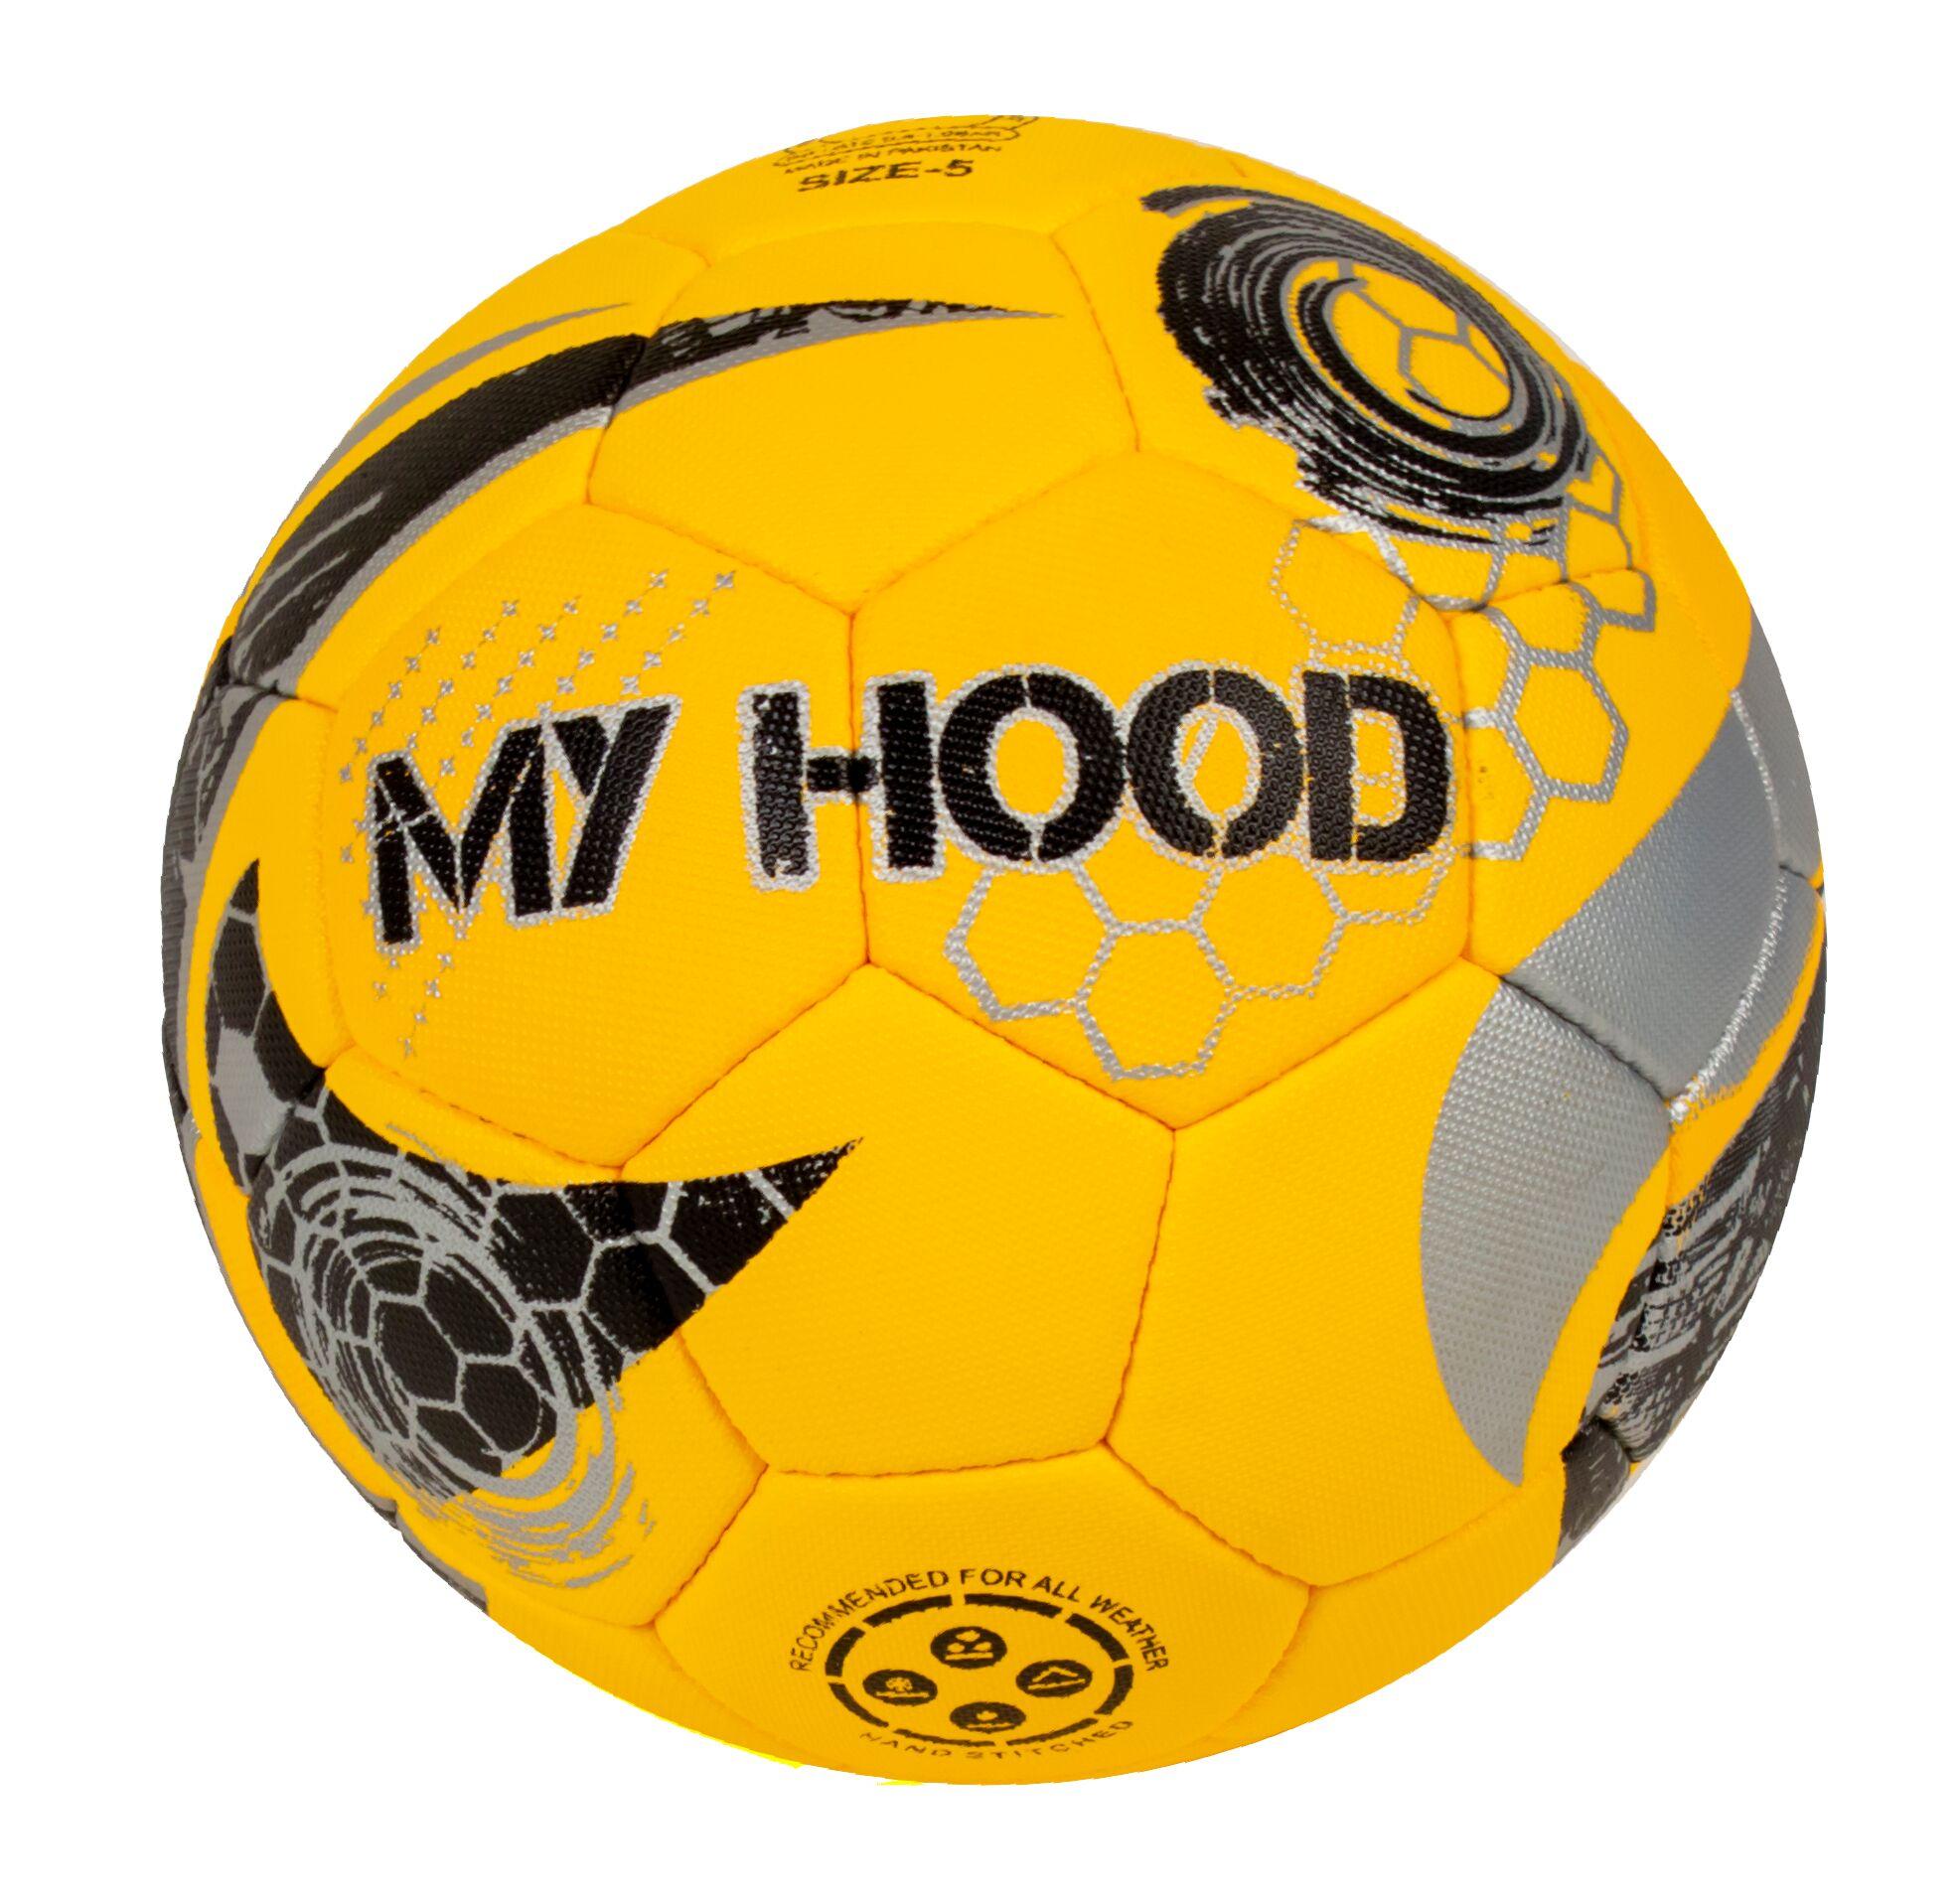 My Hood - Street Football - Orange (302016)